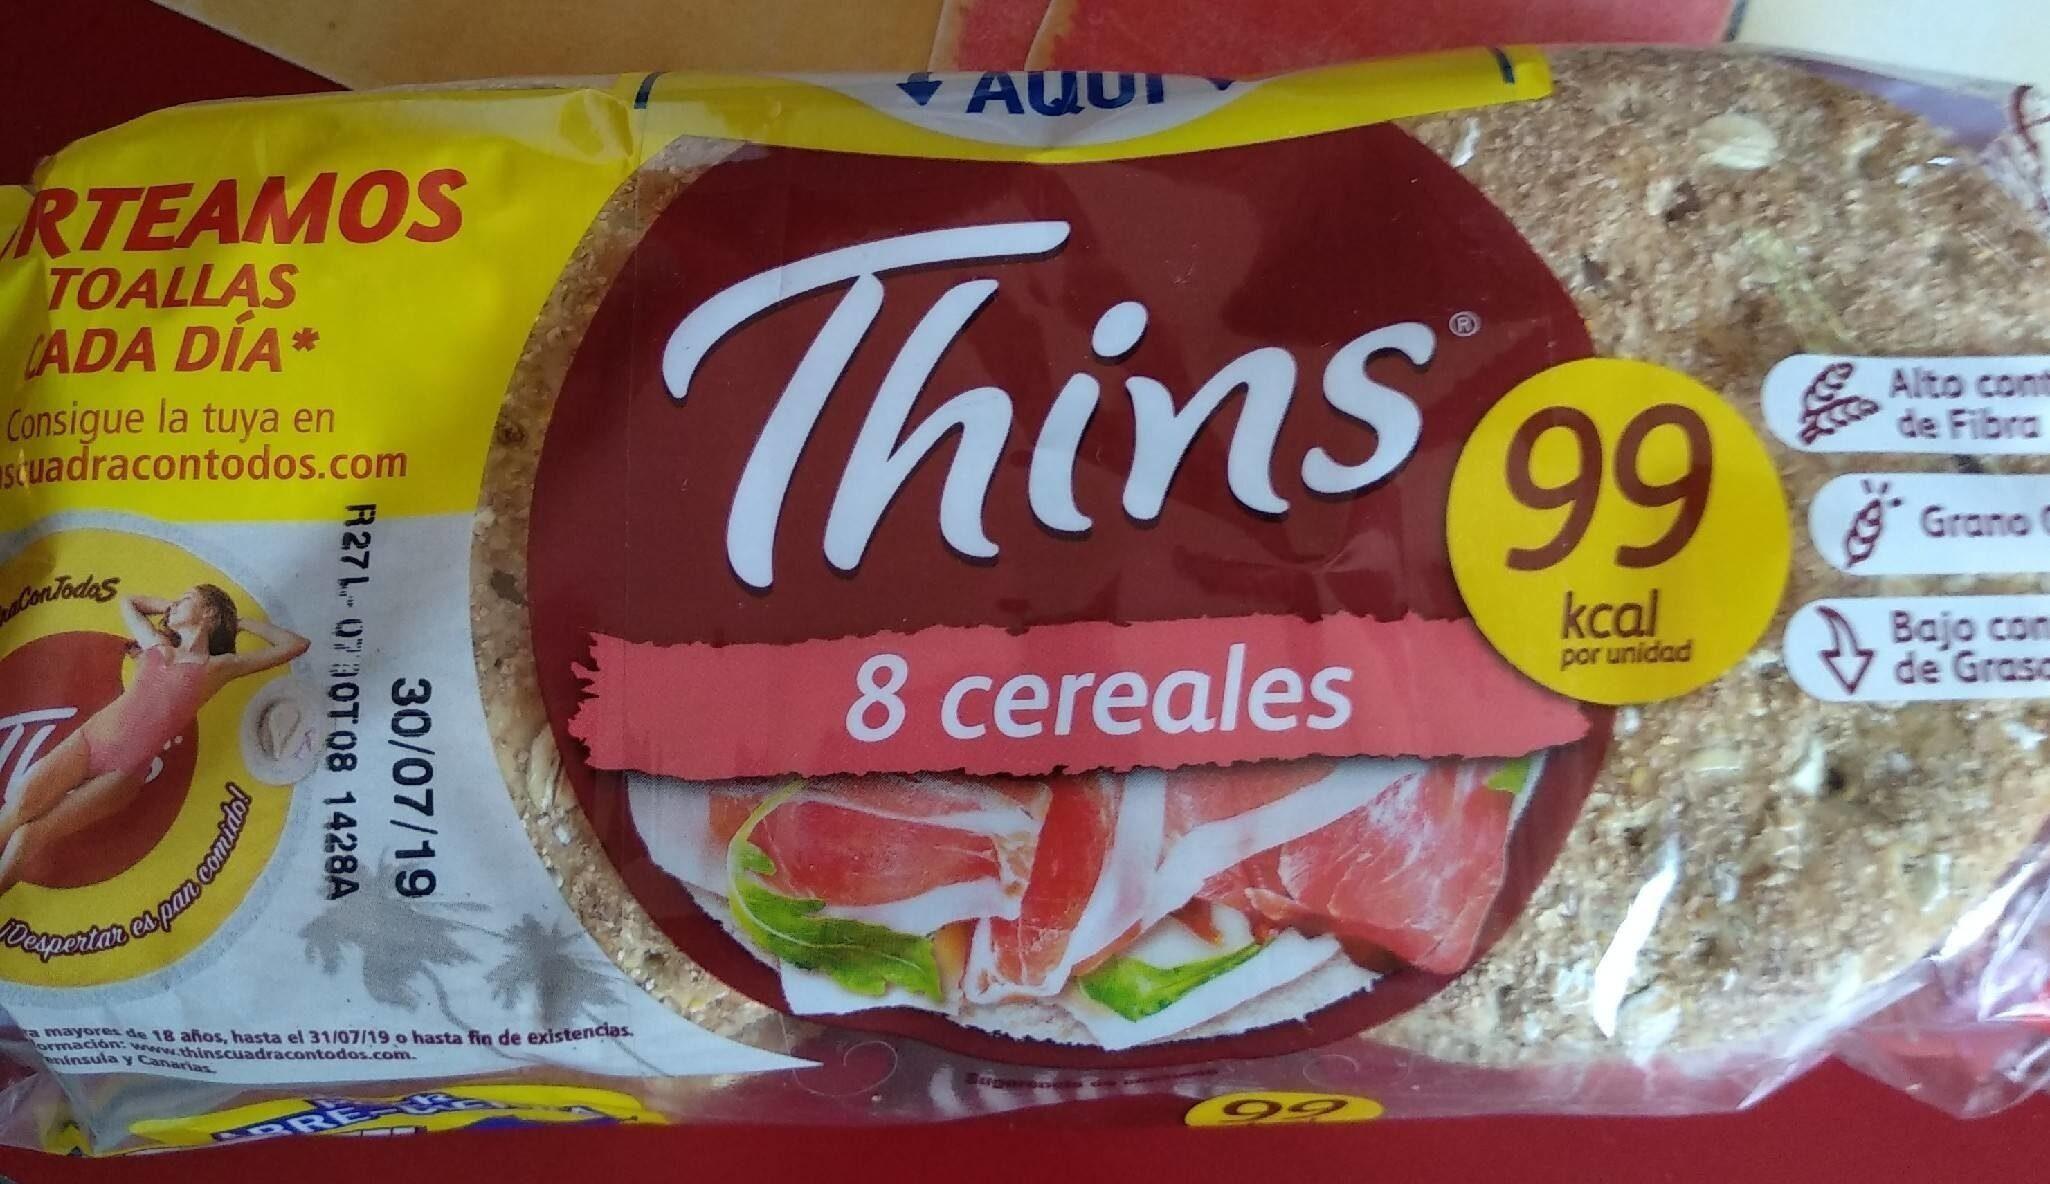 Sandwich pan con cereales bajo grasa rico fibras completo - Producto - es